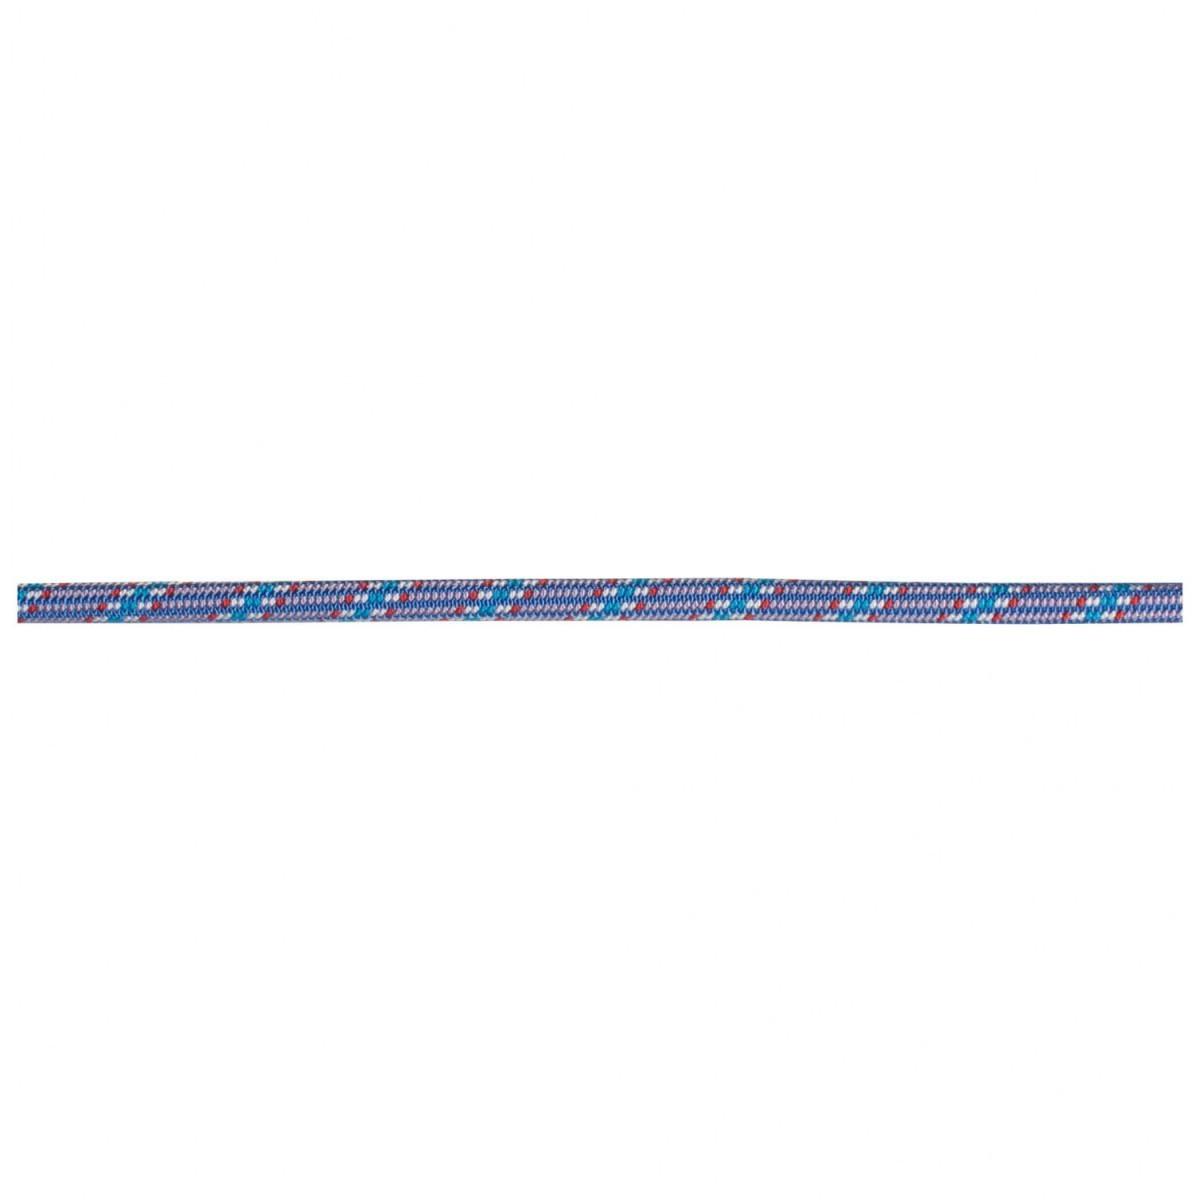 BEAL べアール Ice Line Golden Dry 8.1 mm(50m - Emerald)★ロープ・ザイル・登山・クライミング★